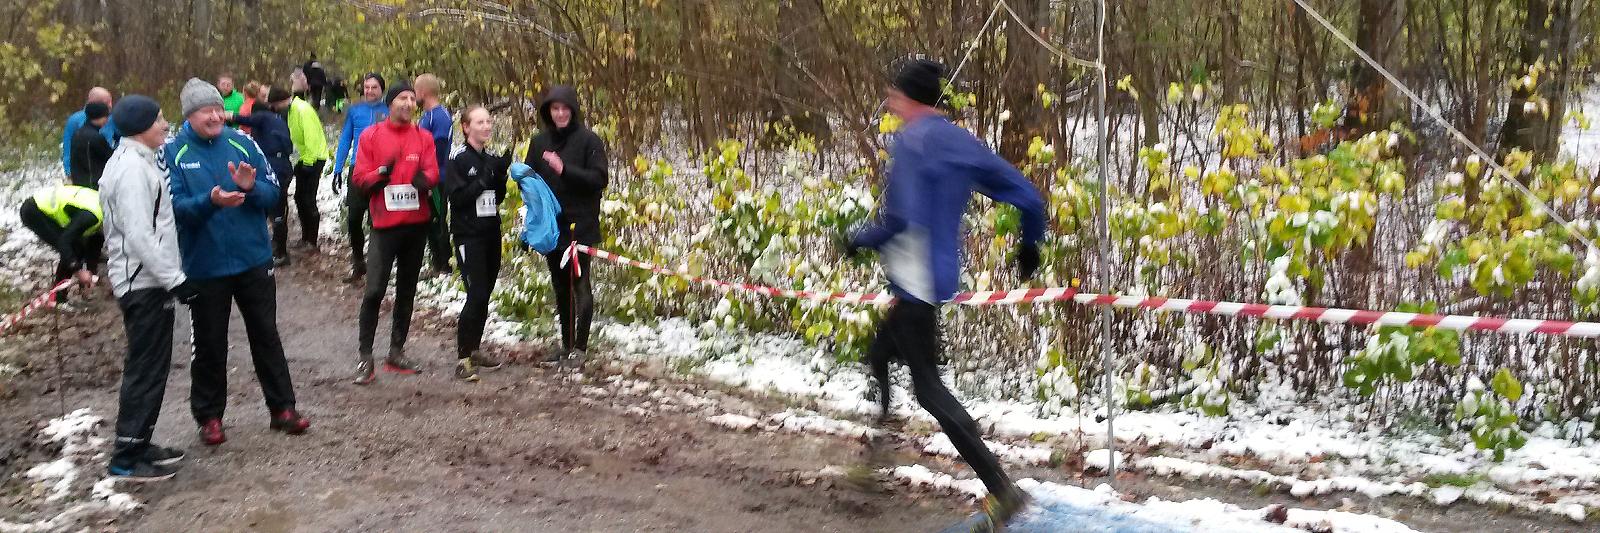 Løber i fuld fart passerer målstregen i mudder og sne